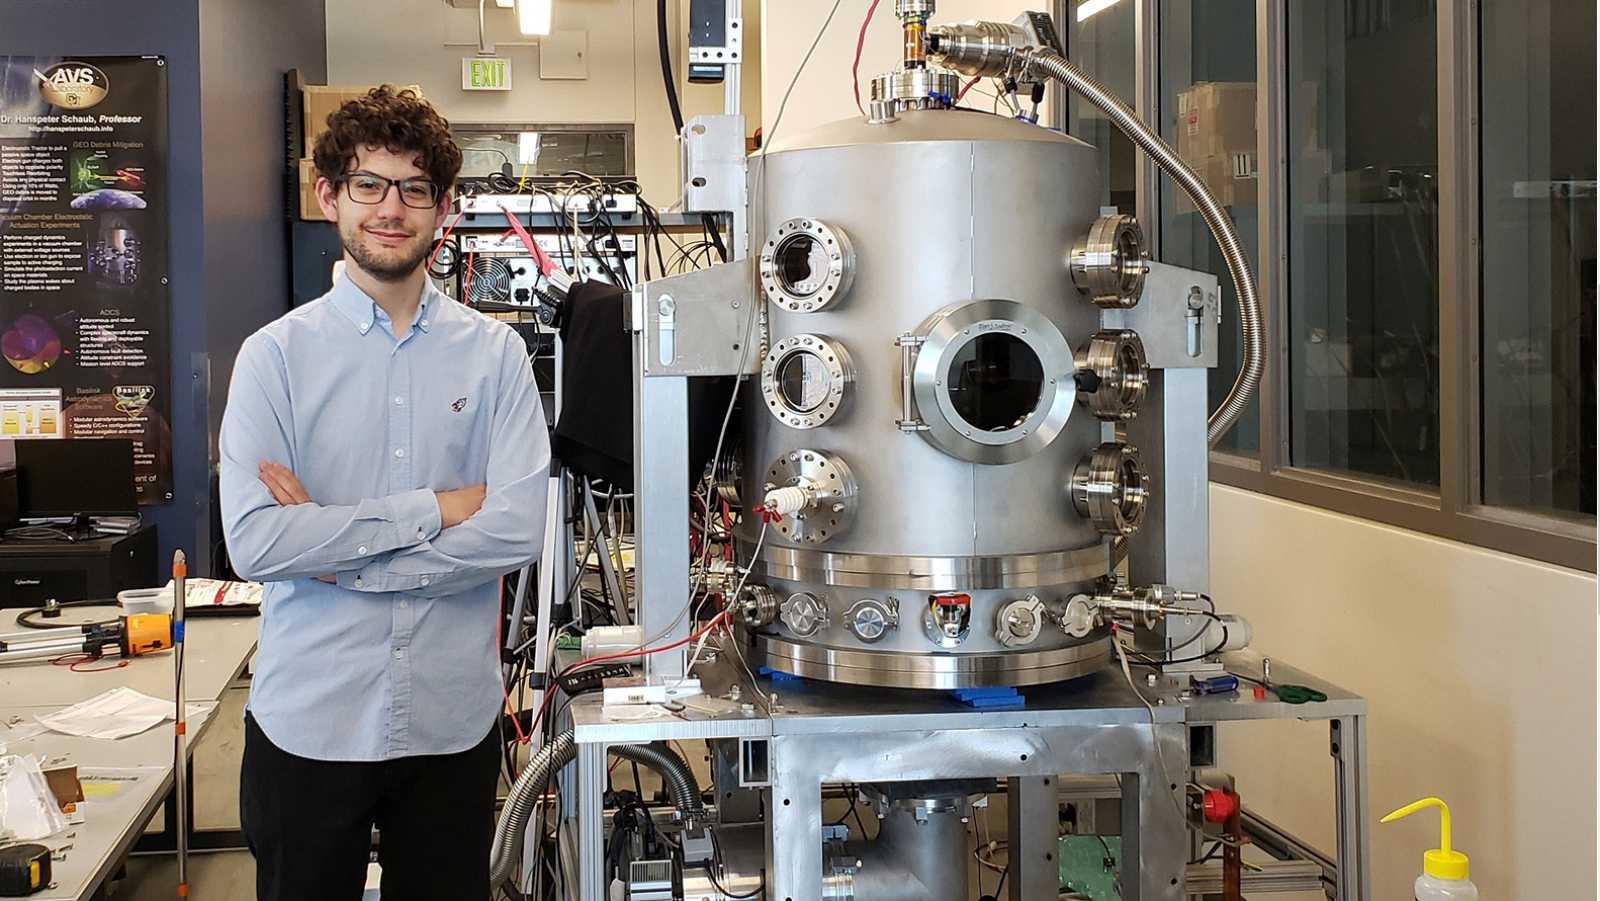 A golpe de bit - El invento de un ingeniero español viajará en el cohete New Shepard - 21/04/21 - escuchar ahora